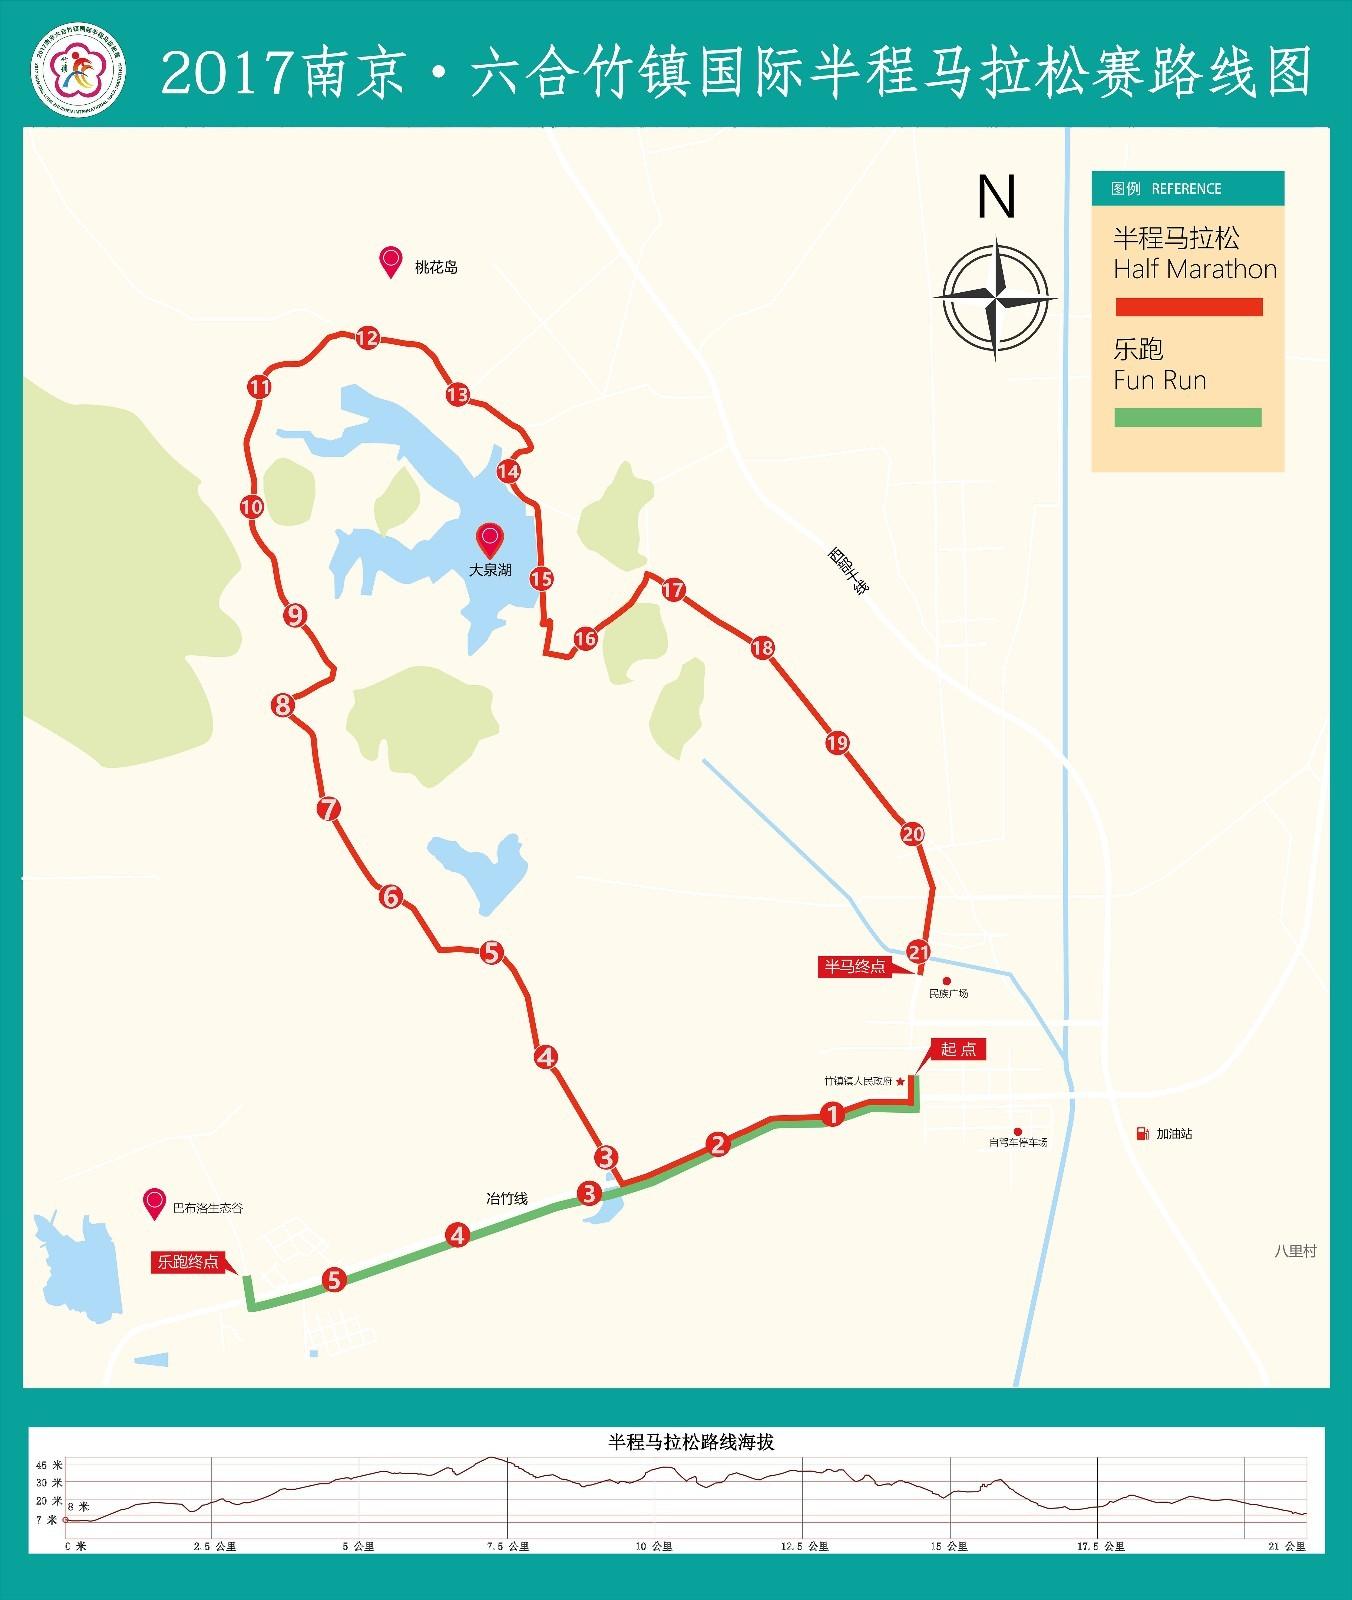 2017南京六合竹镇国际半程马拉松路线图